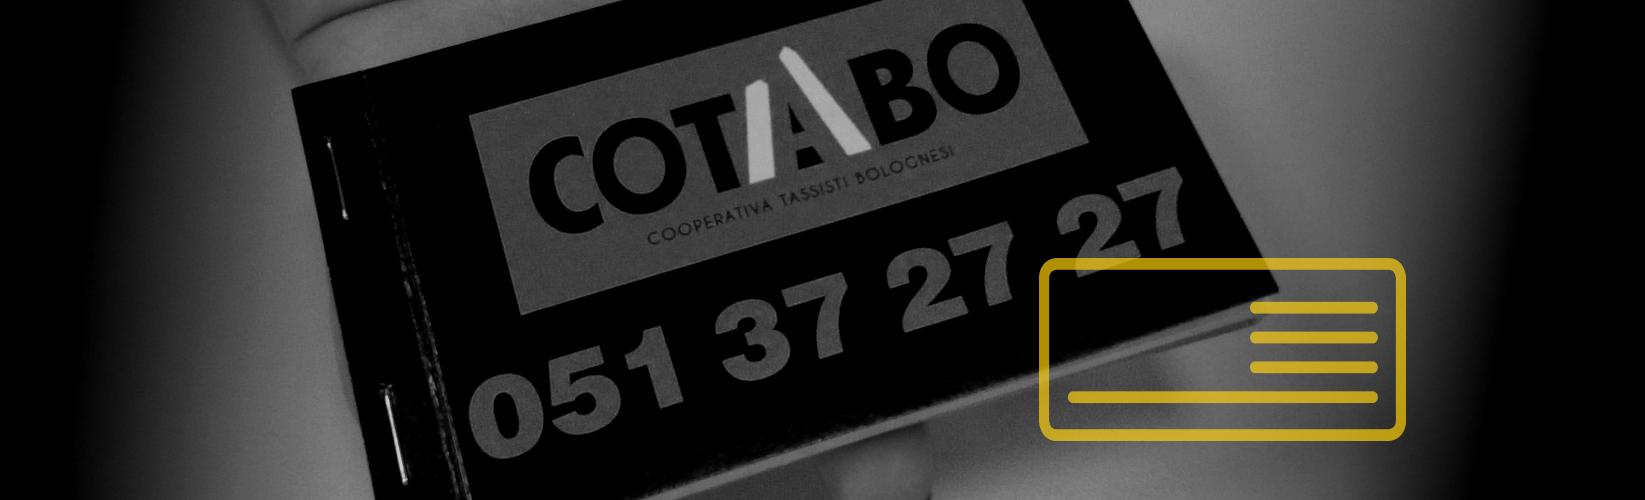 Buoni Cotabo